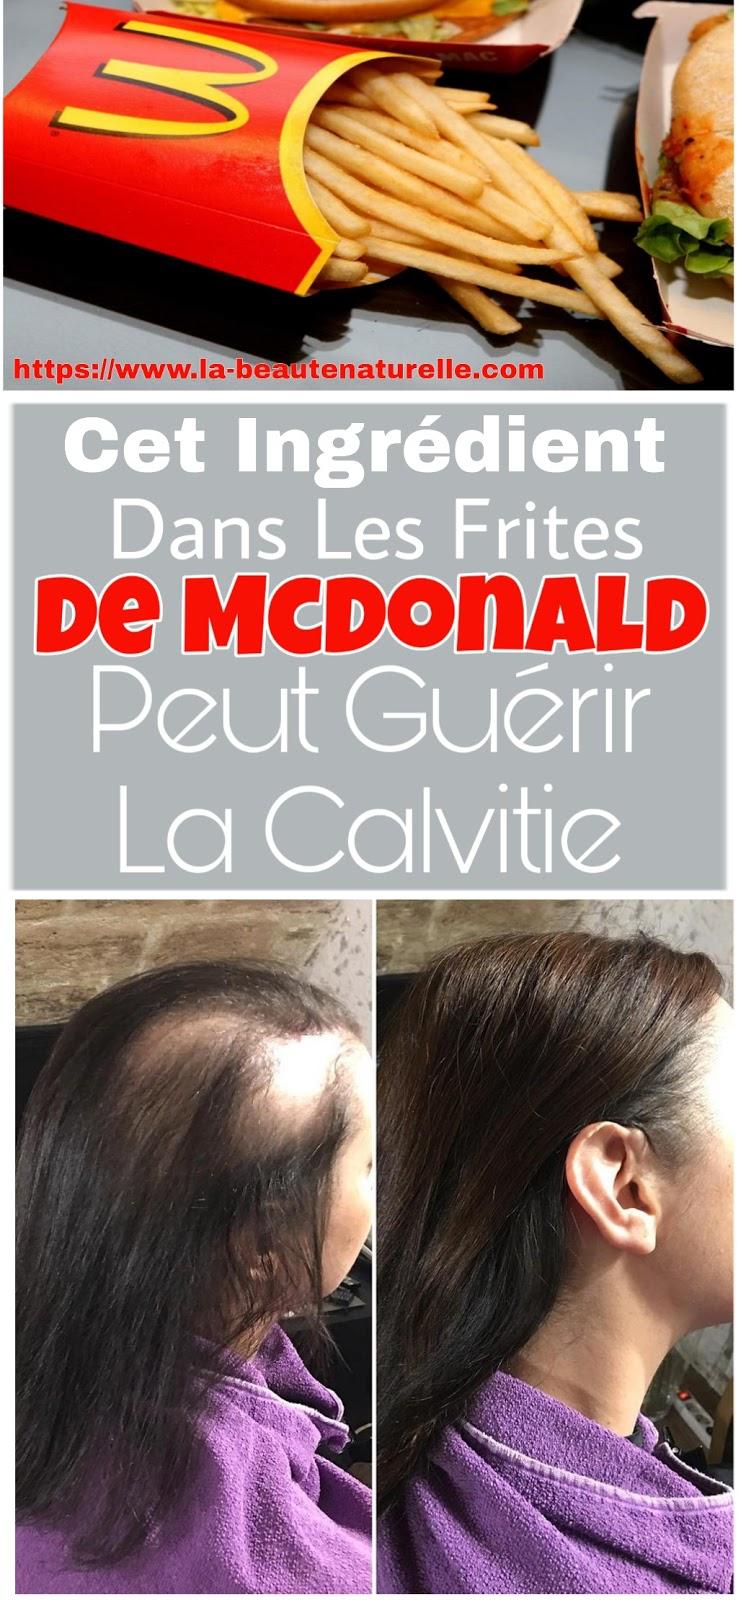 Cet Ingrédient Dans Les Frites De McDonald Peut Guérir La Calvitie